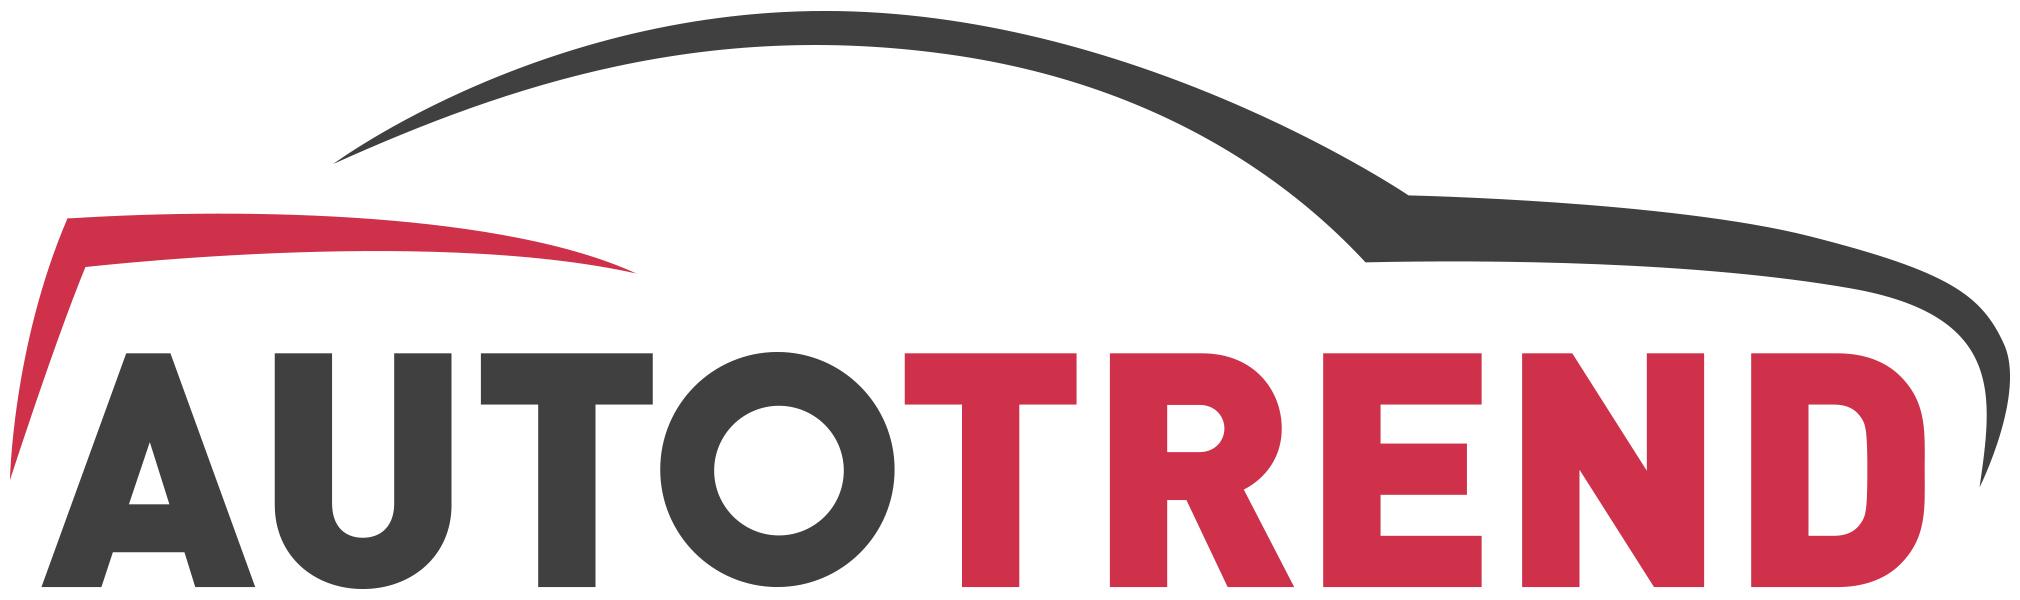 AUTOTREND-logo.jpg (201 KB)